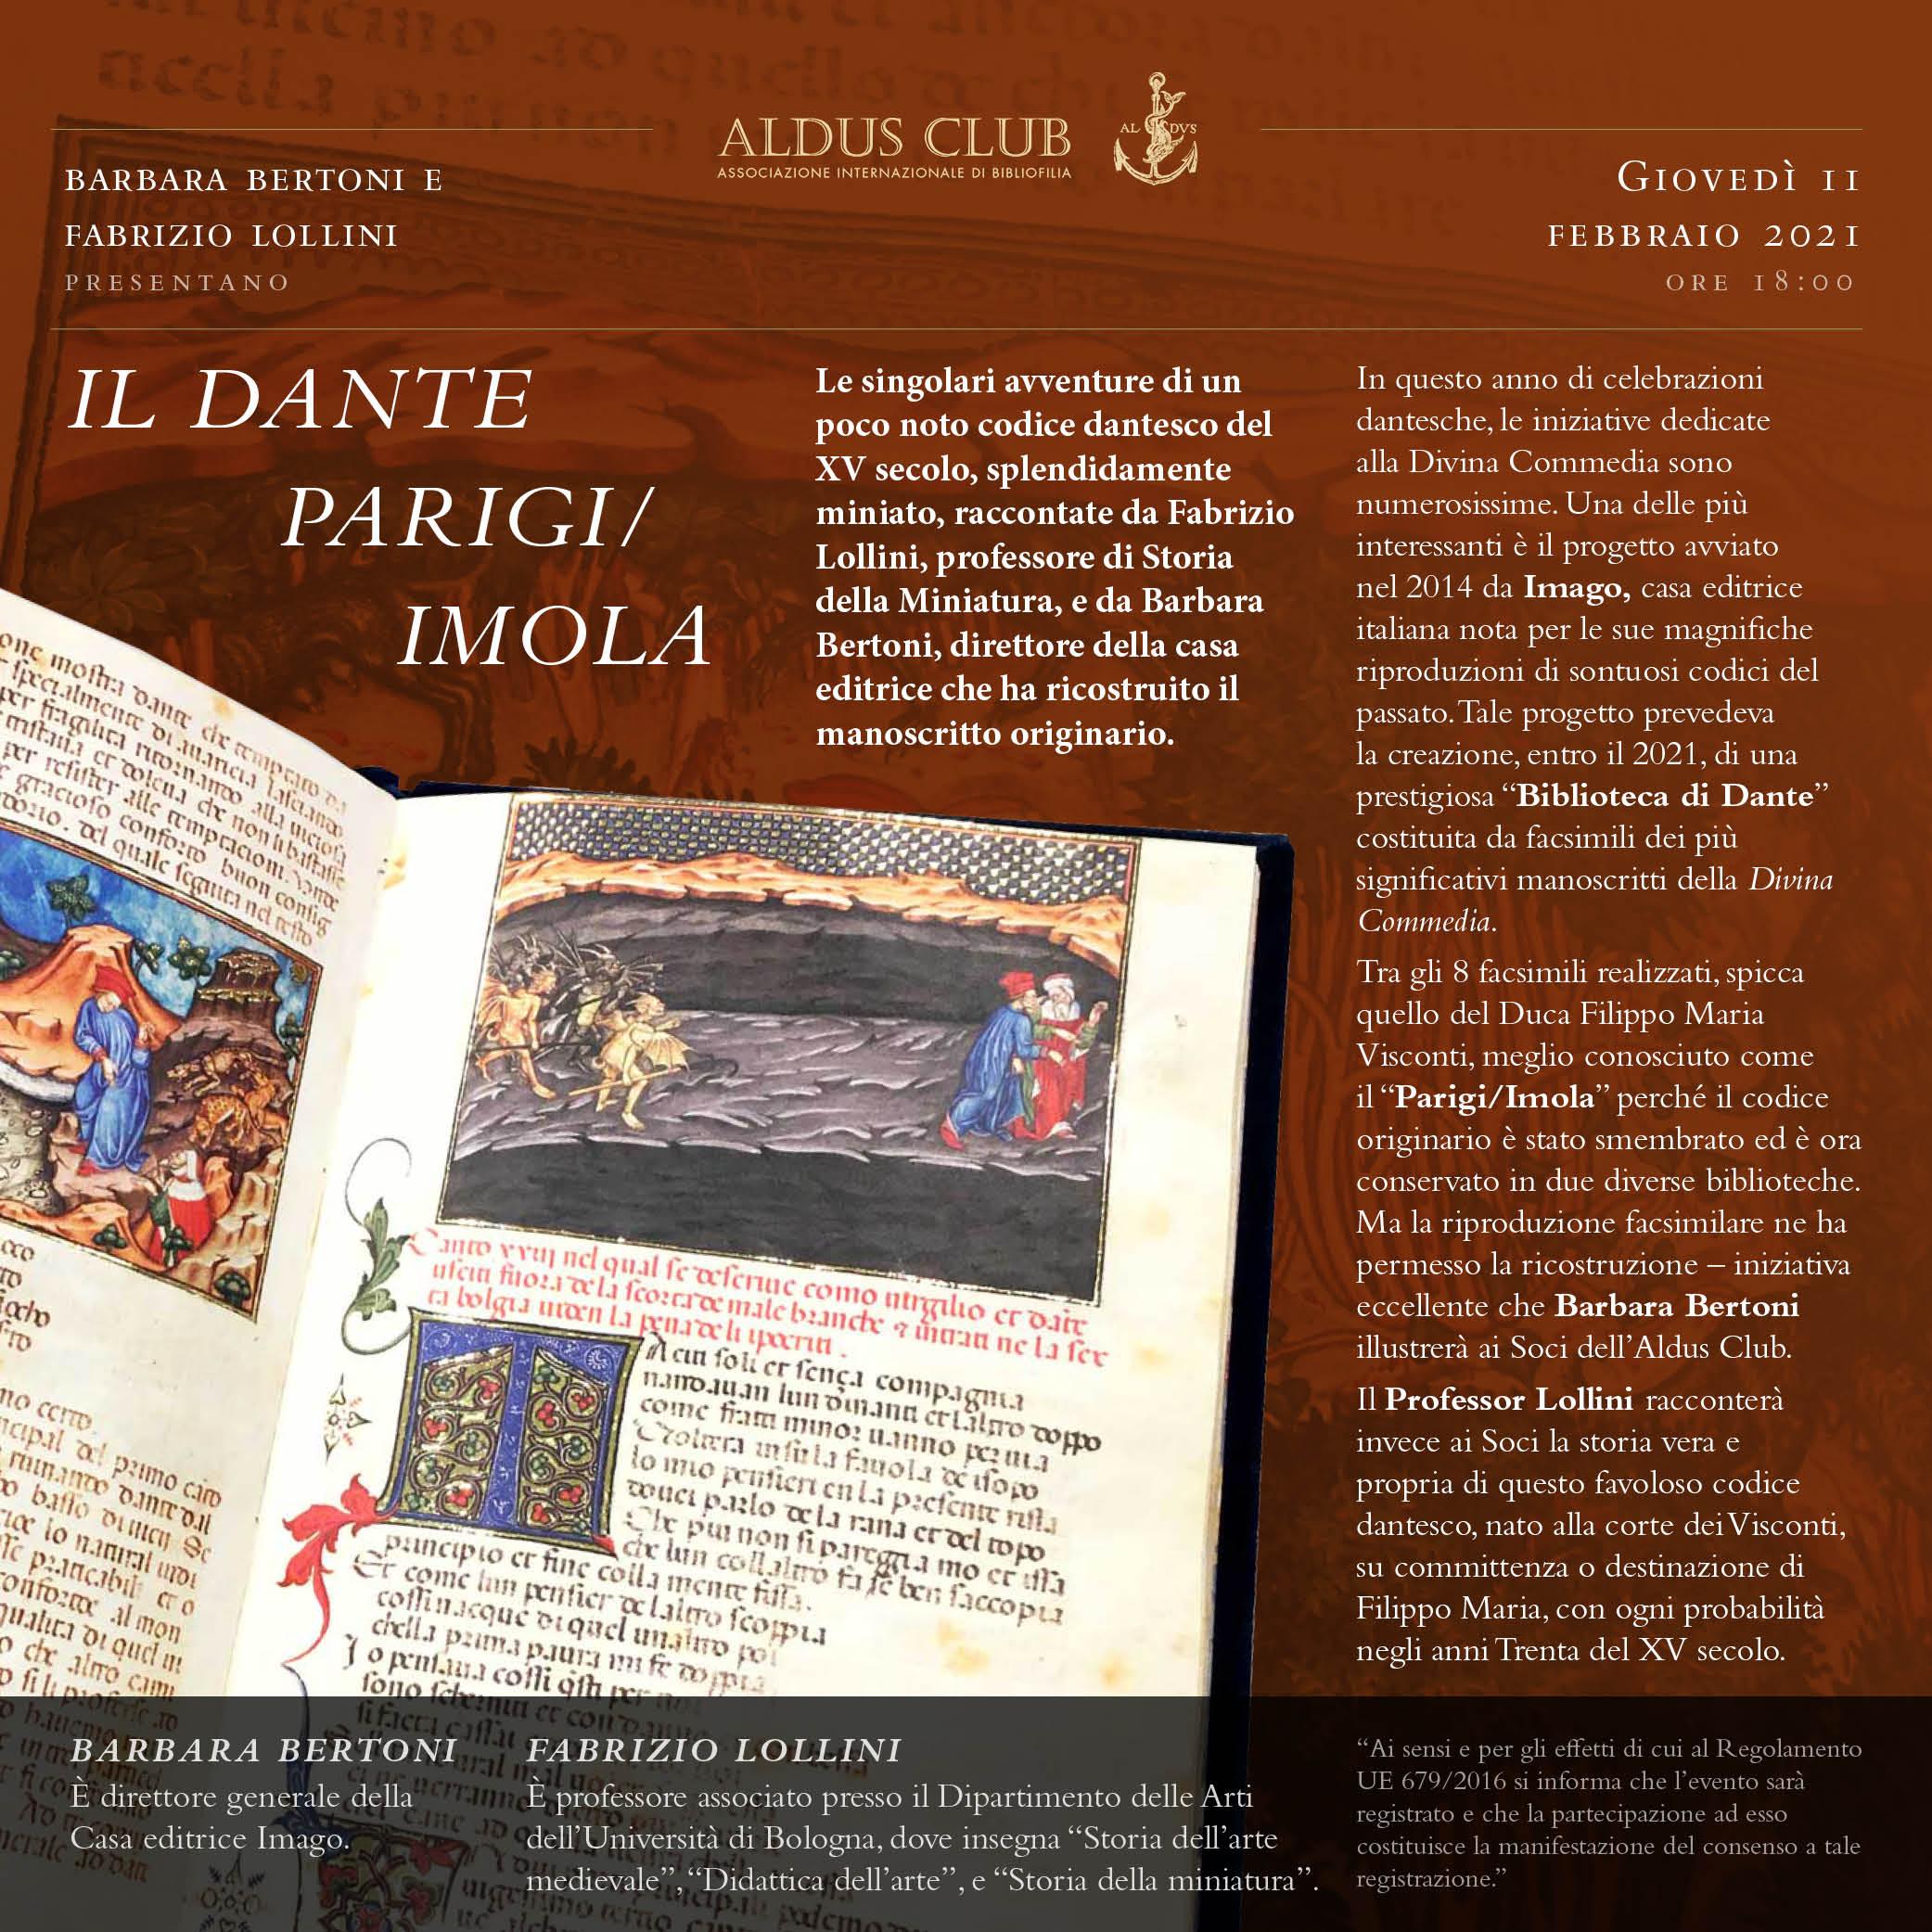 Il Dante Parigi/Imola